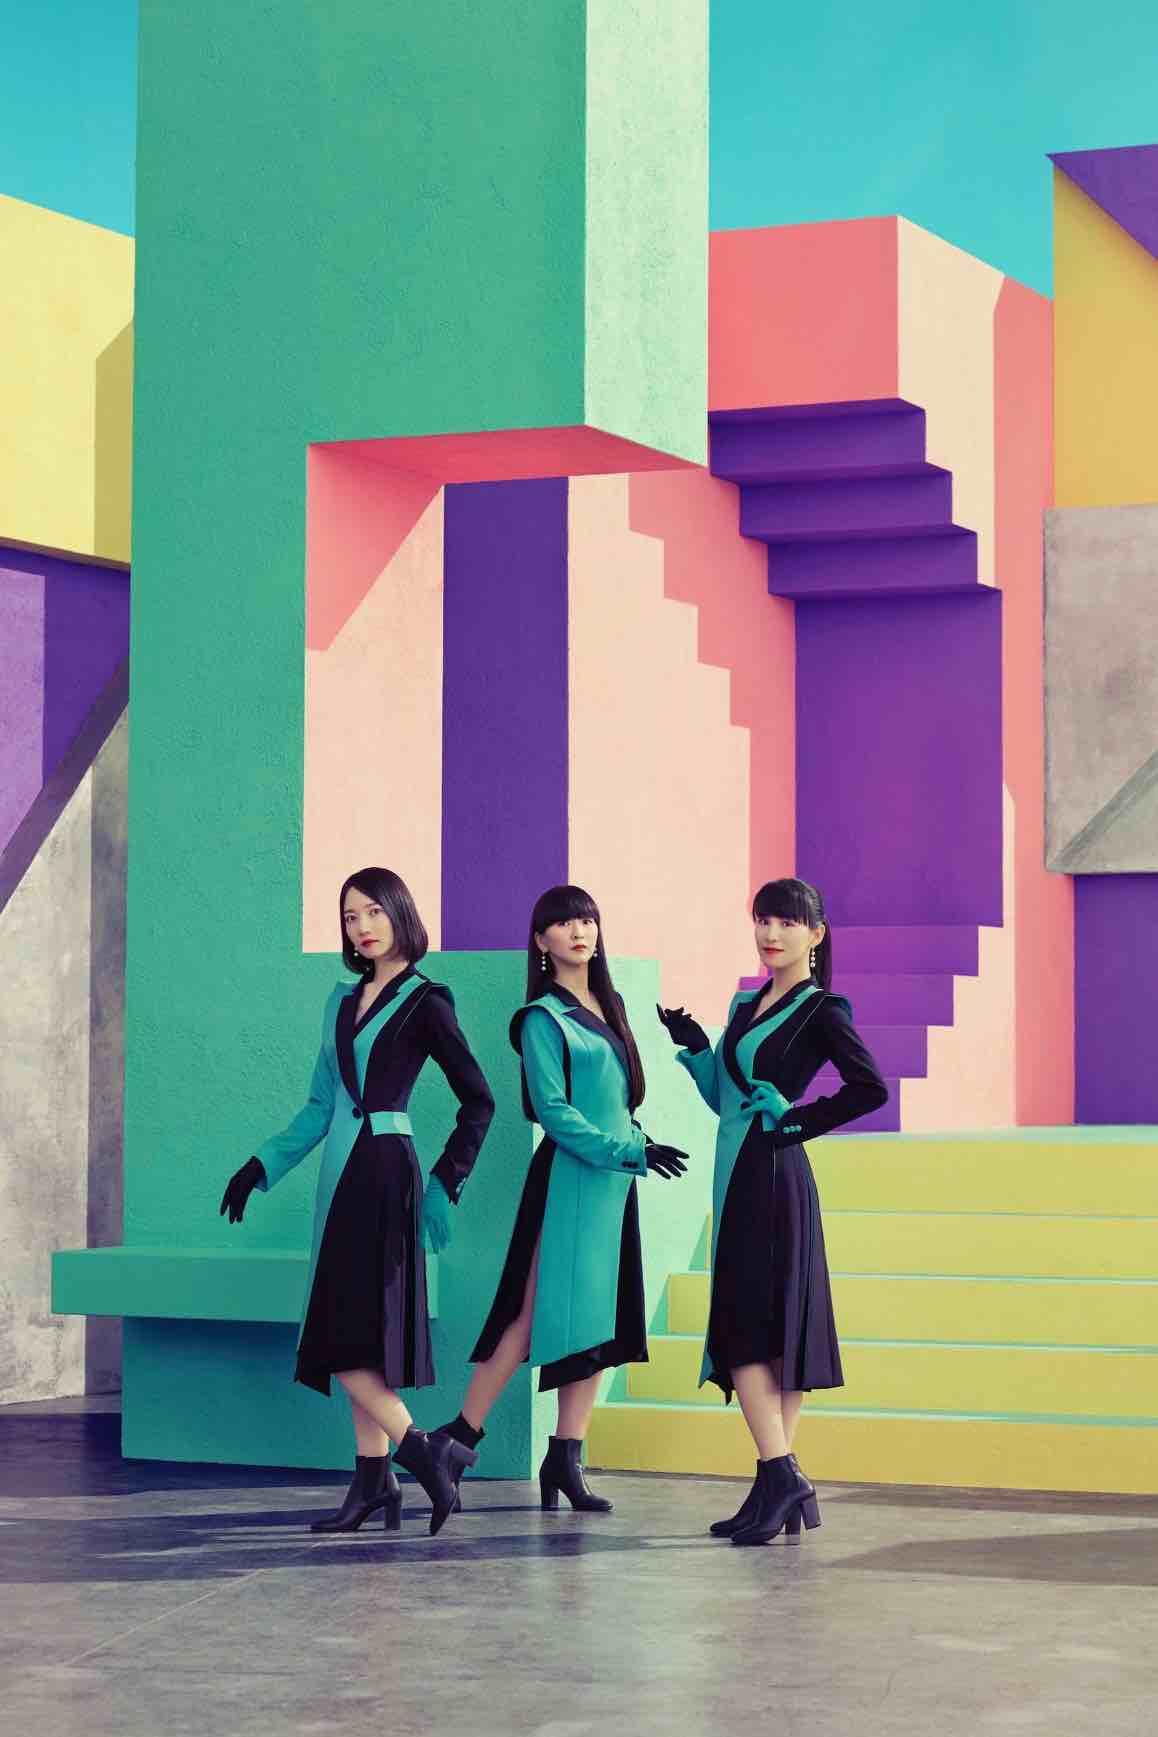 dヒッツで「時空を超えて語り継ぎたいPerfumeの名曲No.1」アンケート実施!